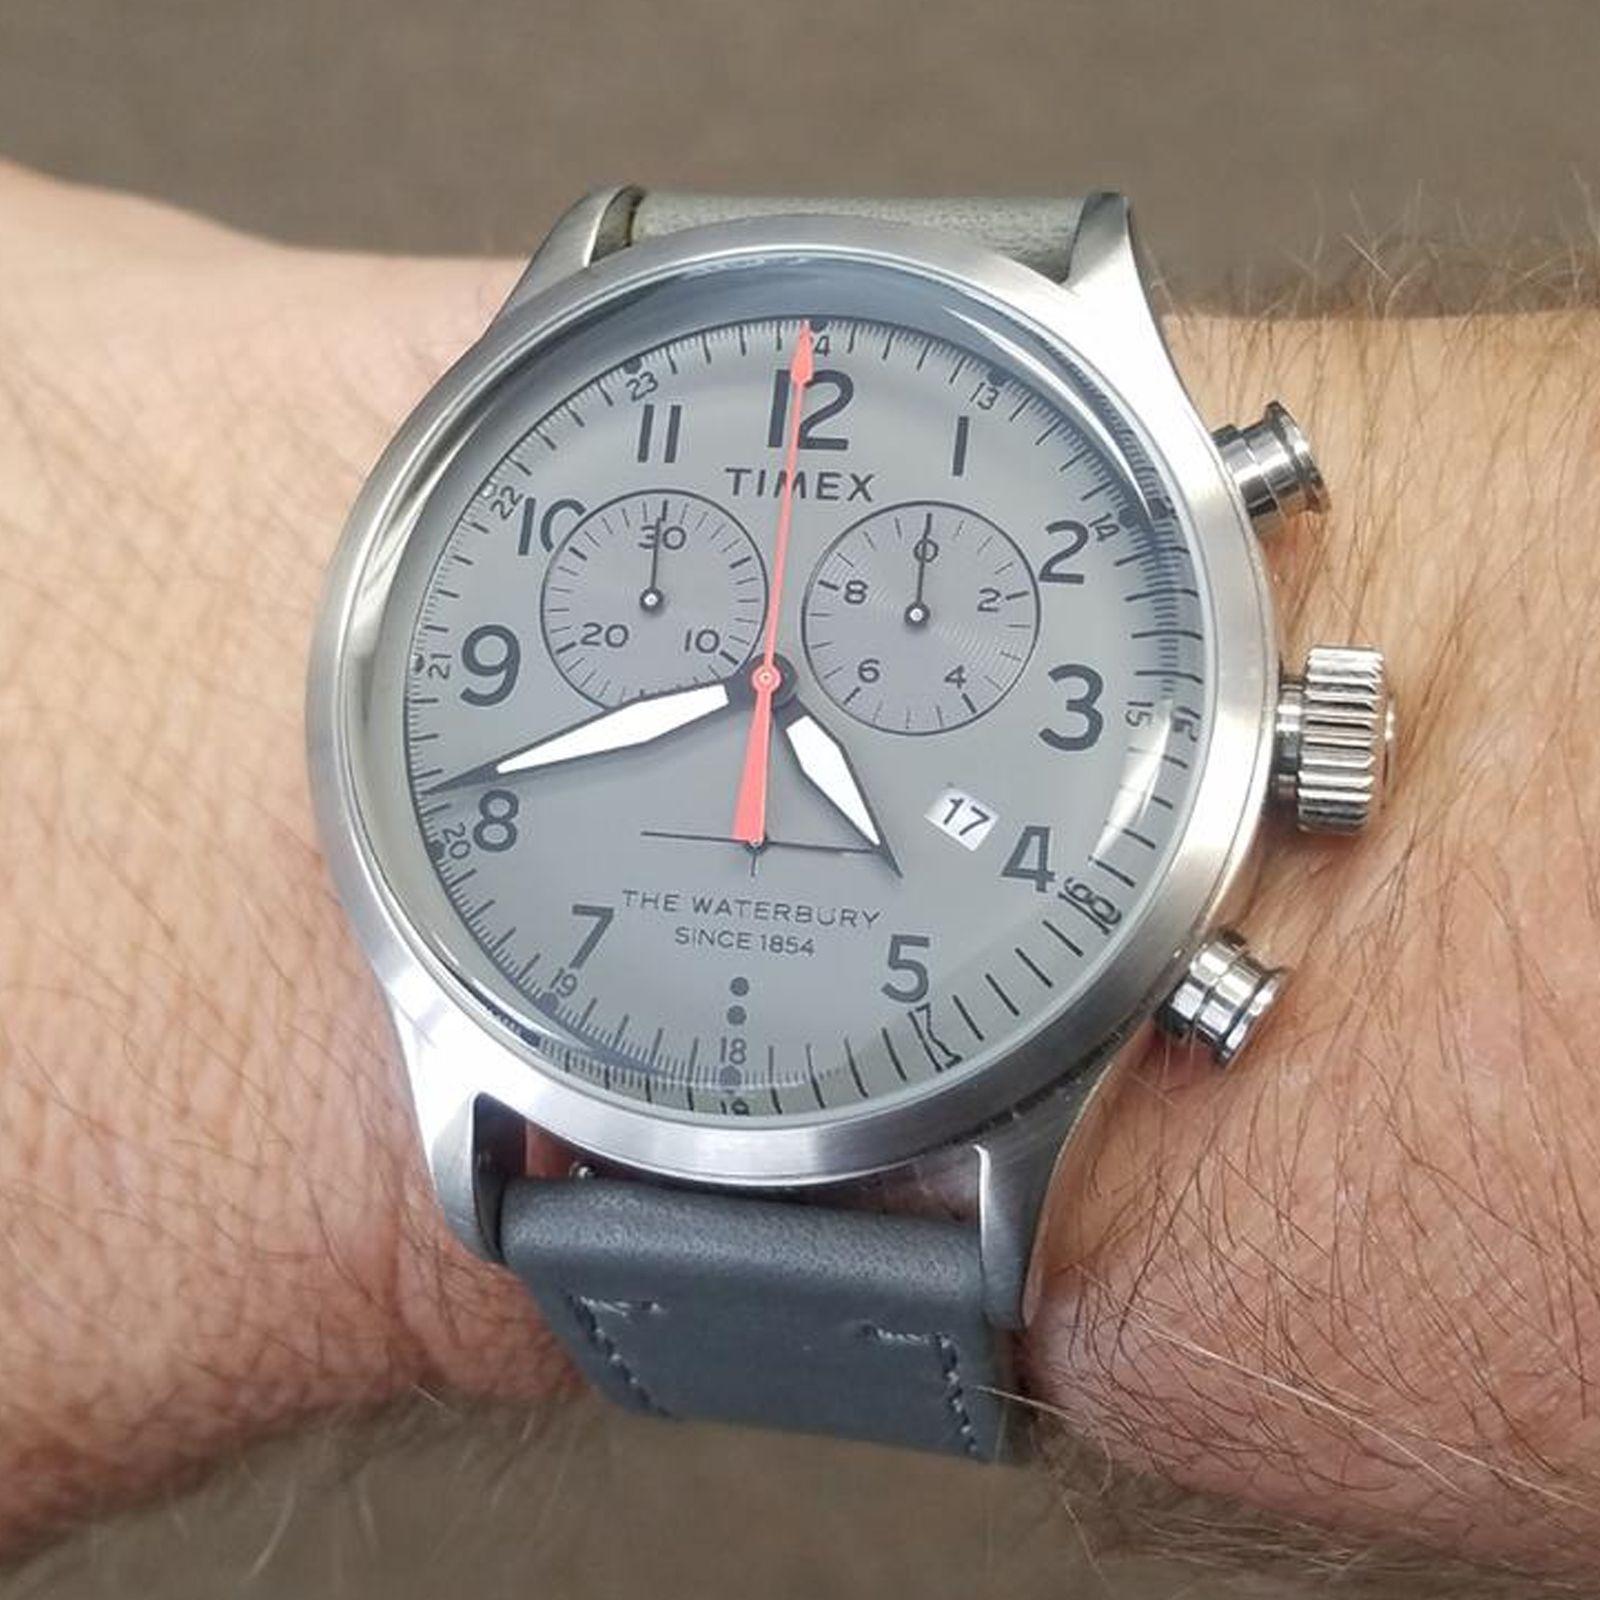 ساعت مچی عقربه ای مردانه تایمکس مدل TW2R70700 -  - 1